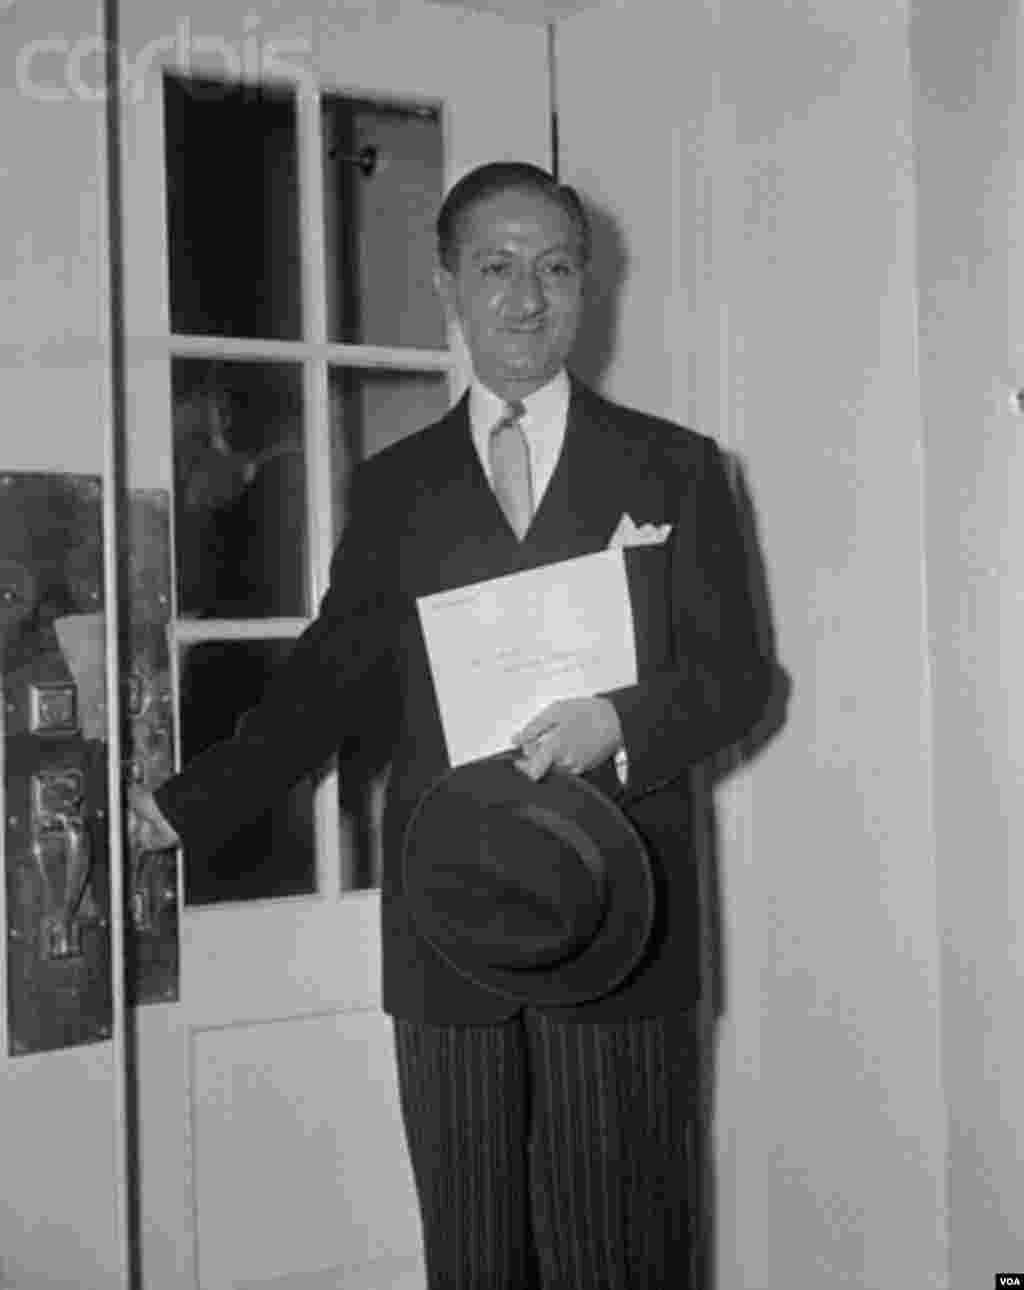 نصرالله انتظام، سفیر جدید ایران در واشنگتن در زمان پرزیدنت آیزنهاور، کاخ سفید ، نوامبر ۱۹۵۳